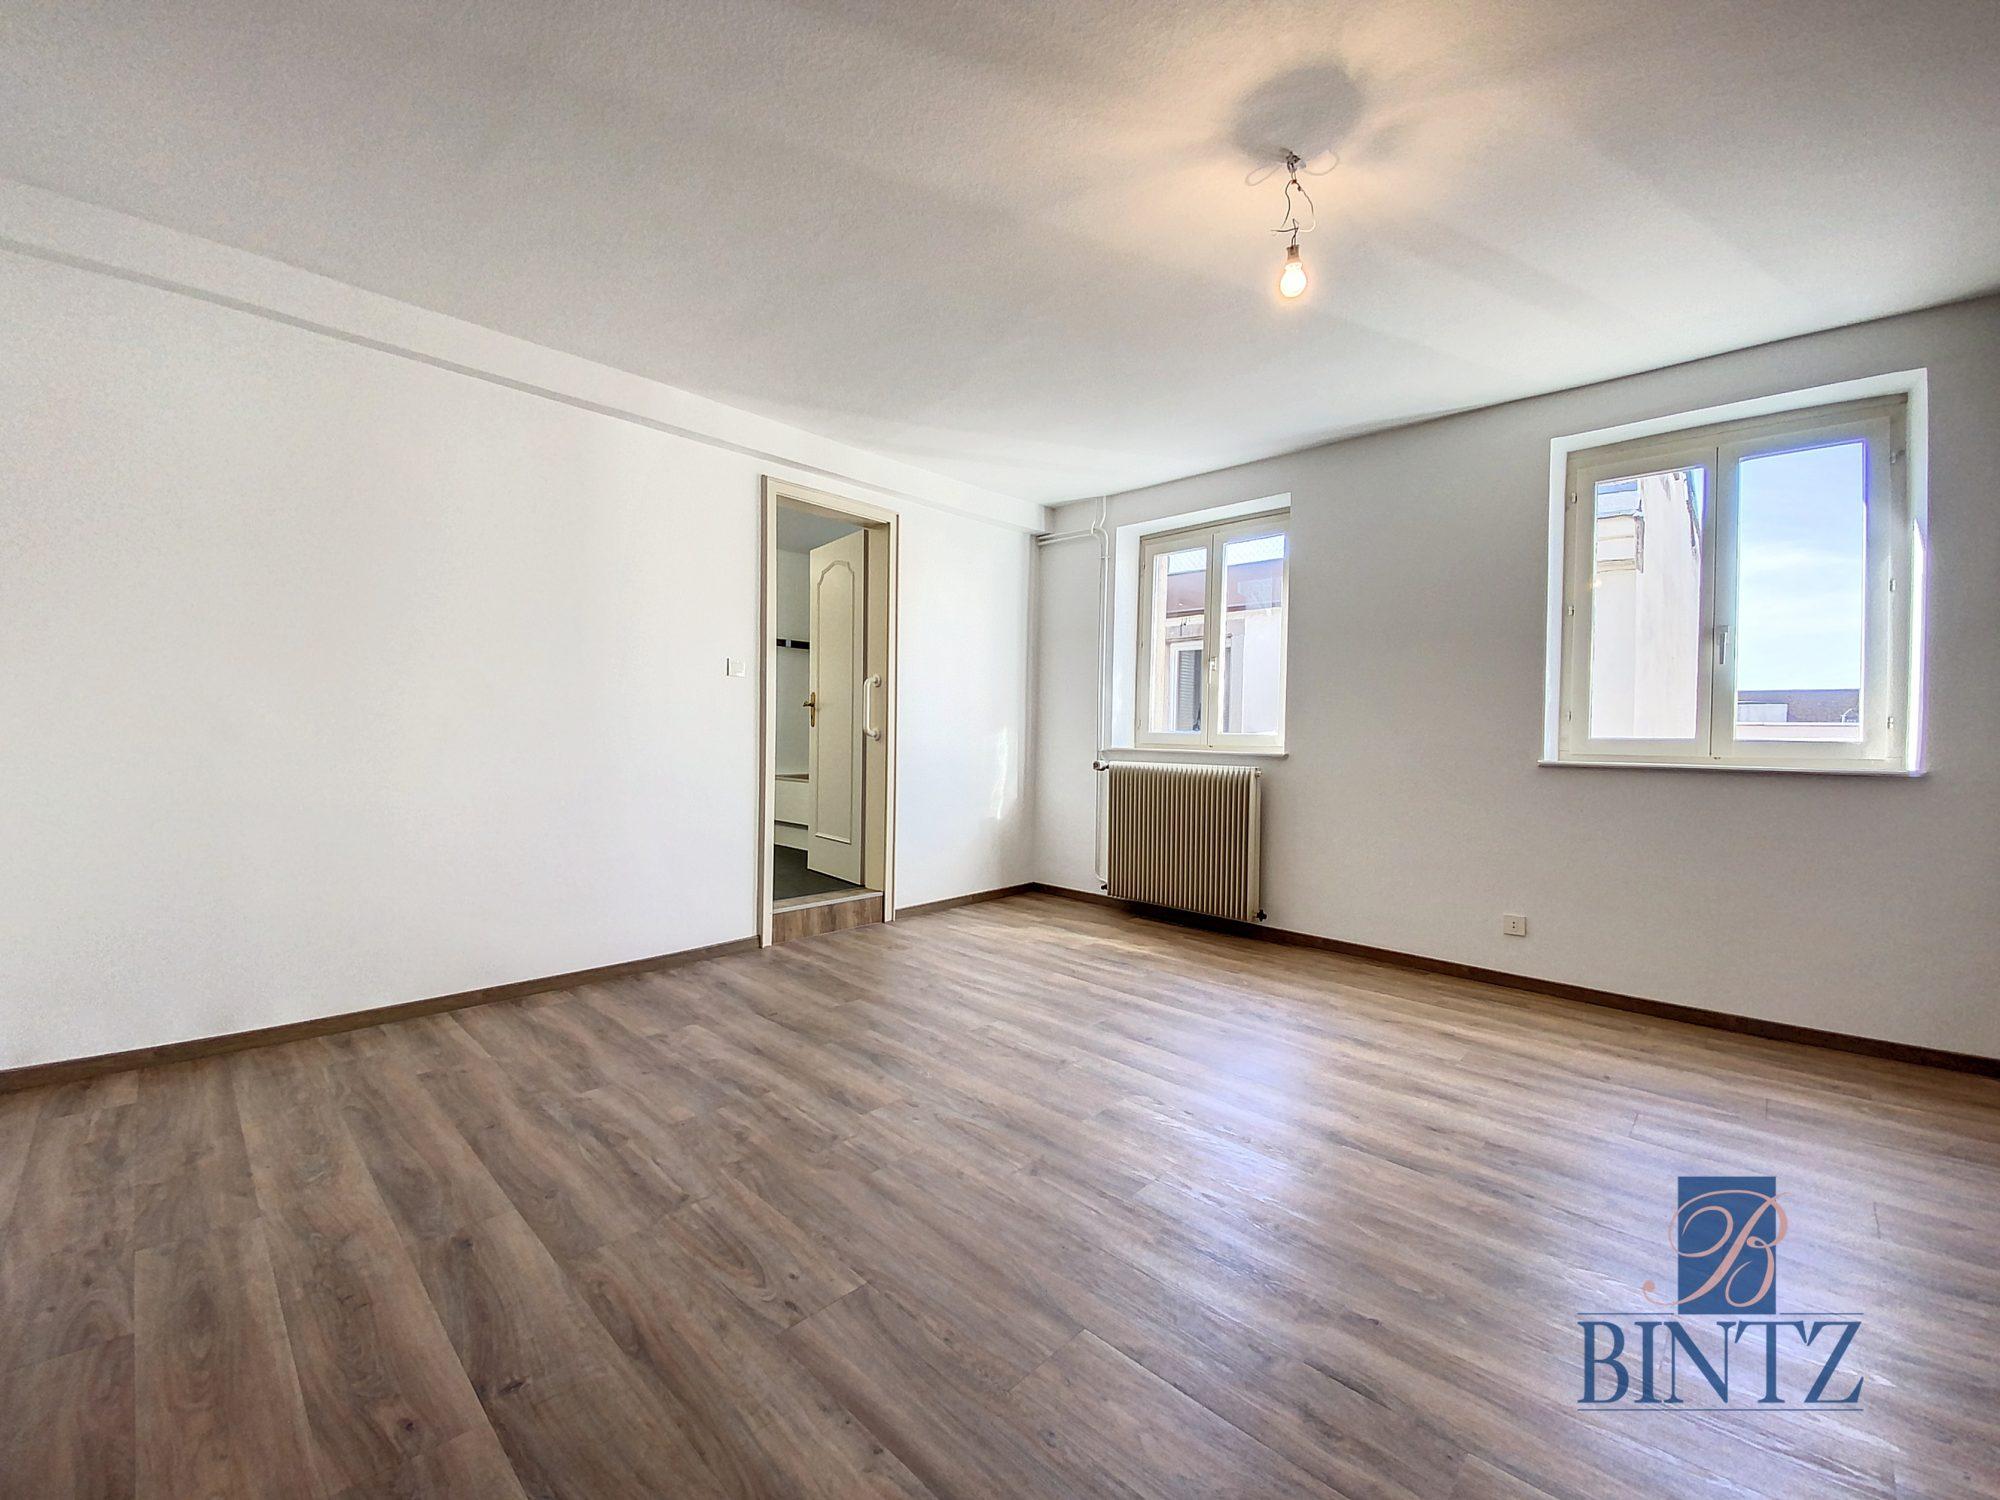 DUPLEX avec terrasse PLACE DE L'UNIVERSITÉ AVEC TERRASSE - Devenez locataire en toute sérénité - Bintz Immobilier - 18